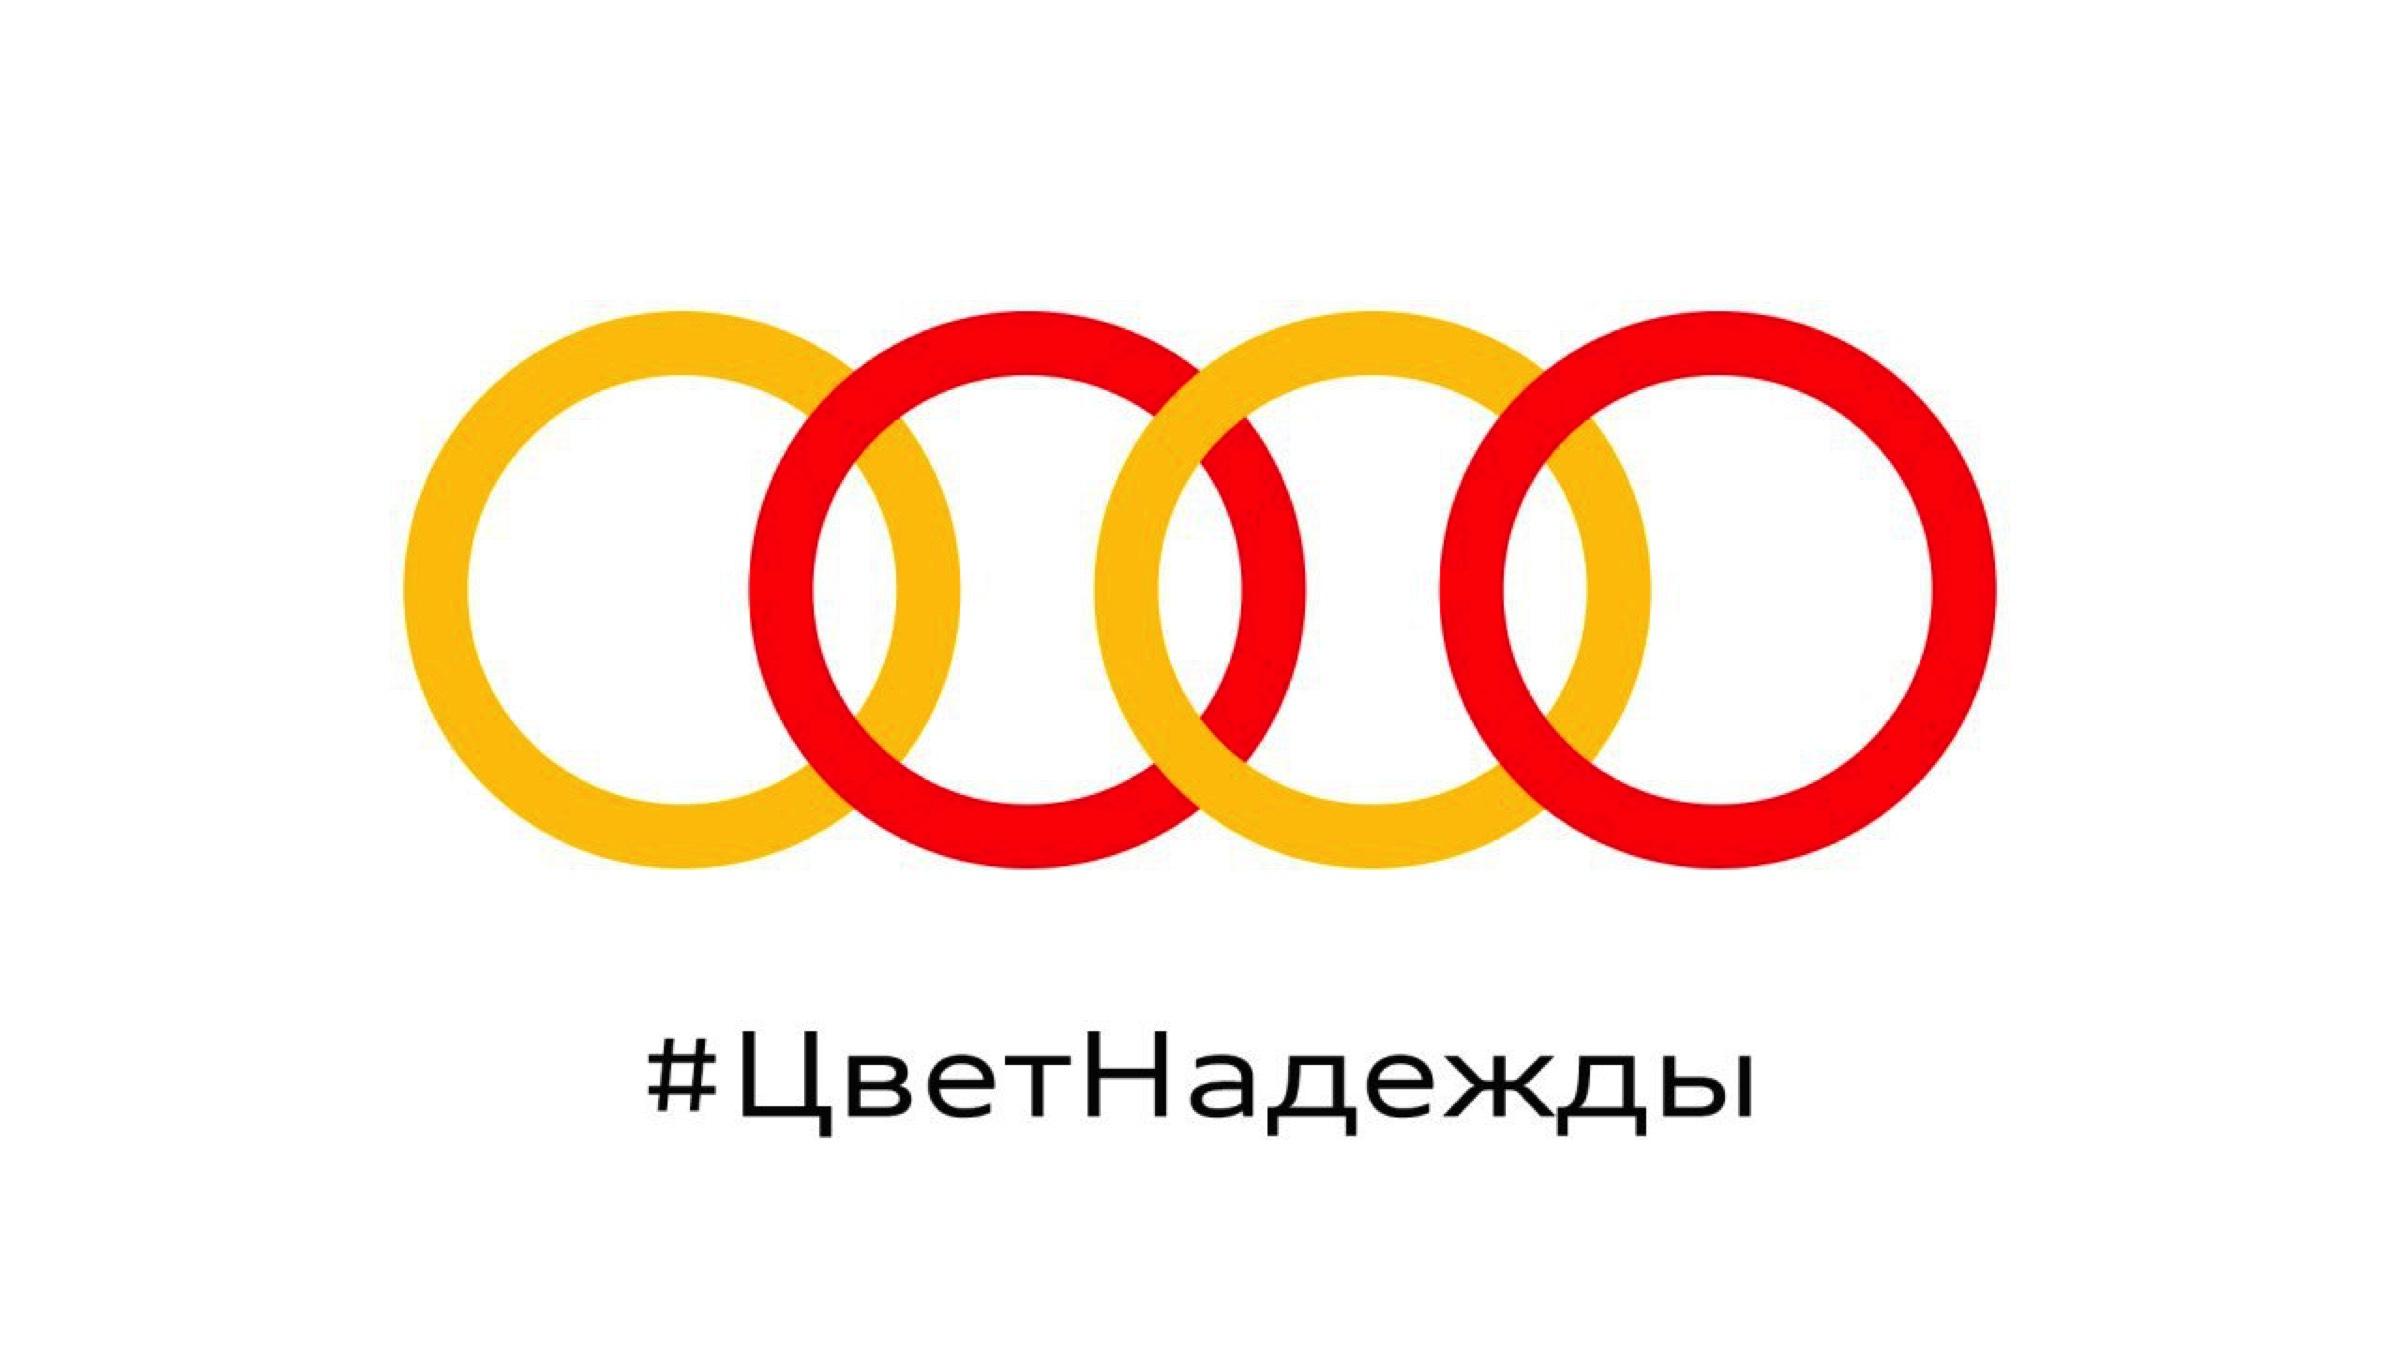 Audi Rusya, Logosunun Rengini Neden Değiştirdi?